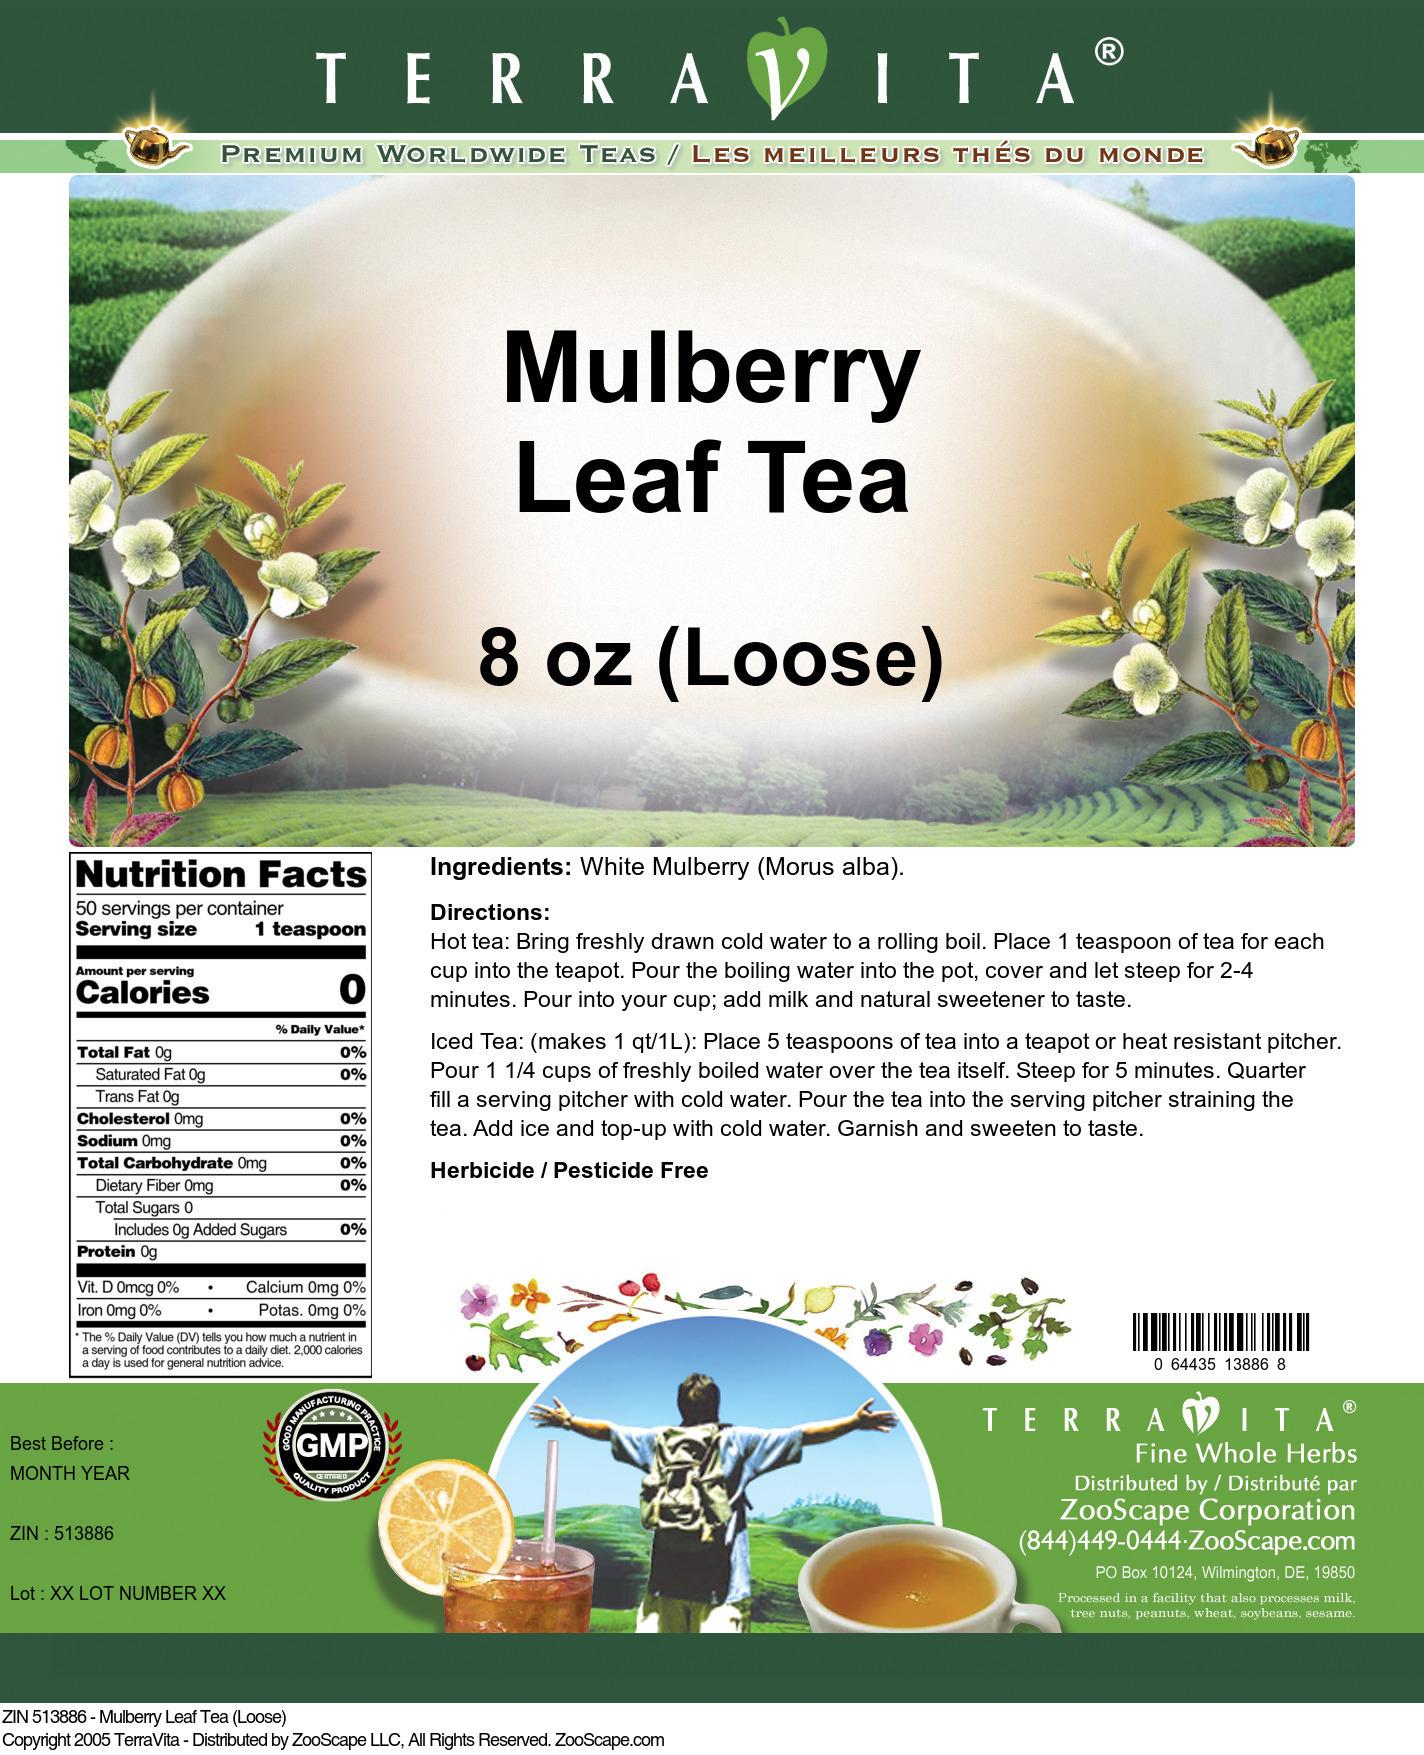 Mulberry Leaf Tea (Loose)